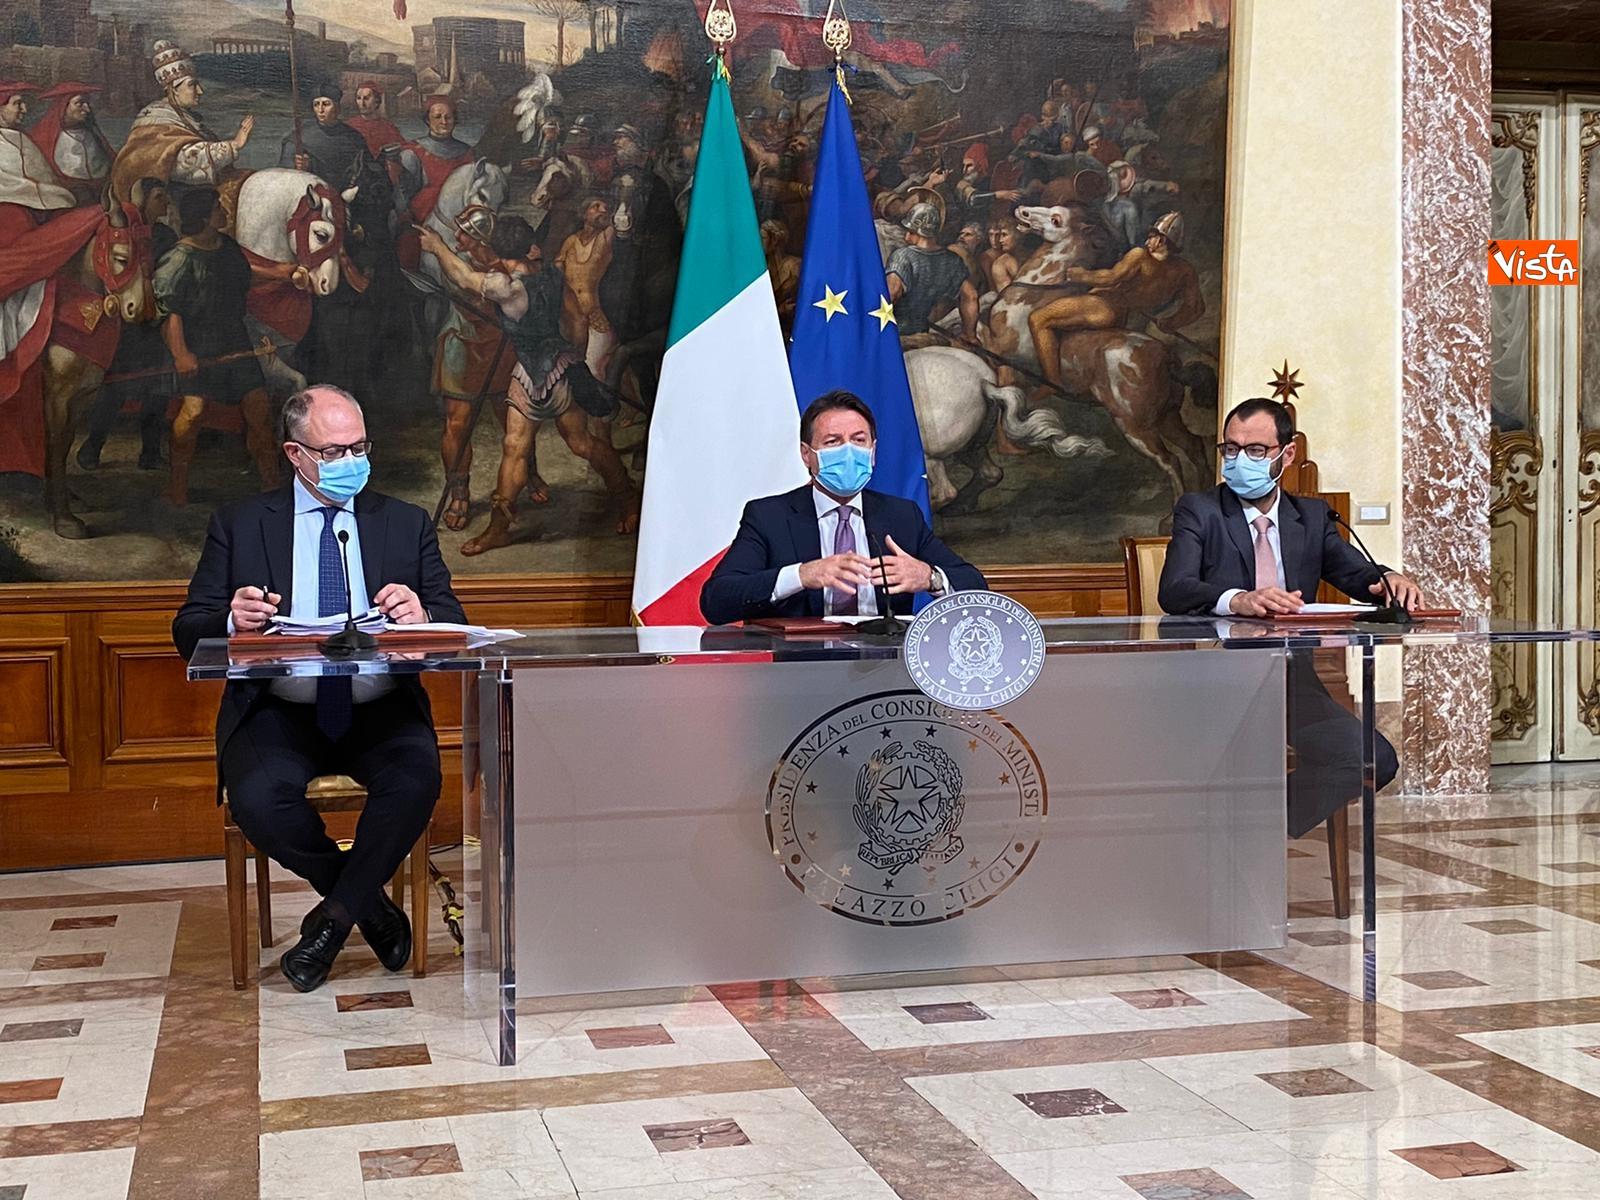 Dl ristori Conte Gualtieri e Patuanelli in conferenza stampa a Palazzo Chigi_01